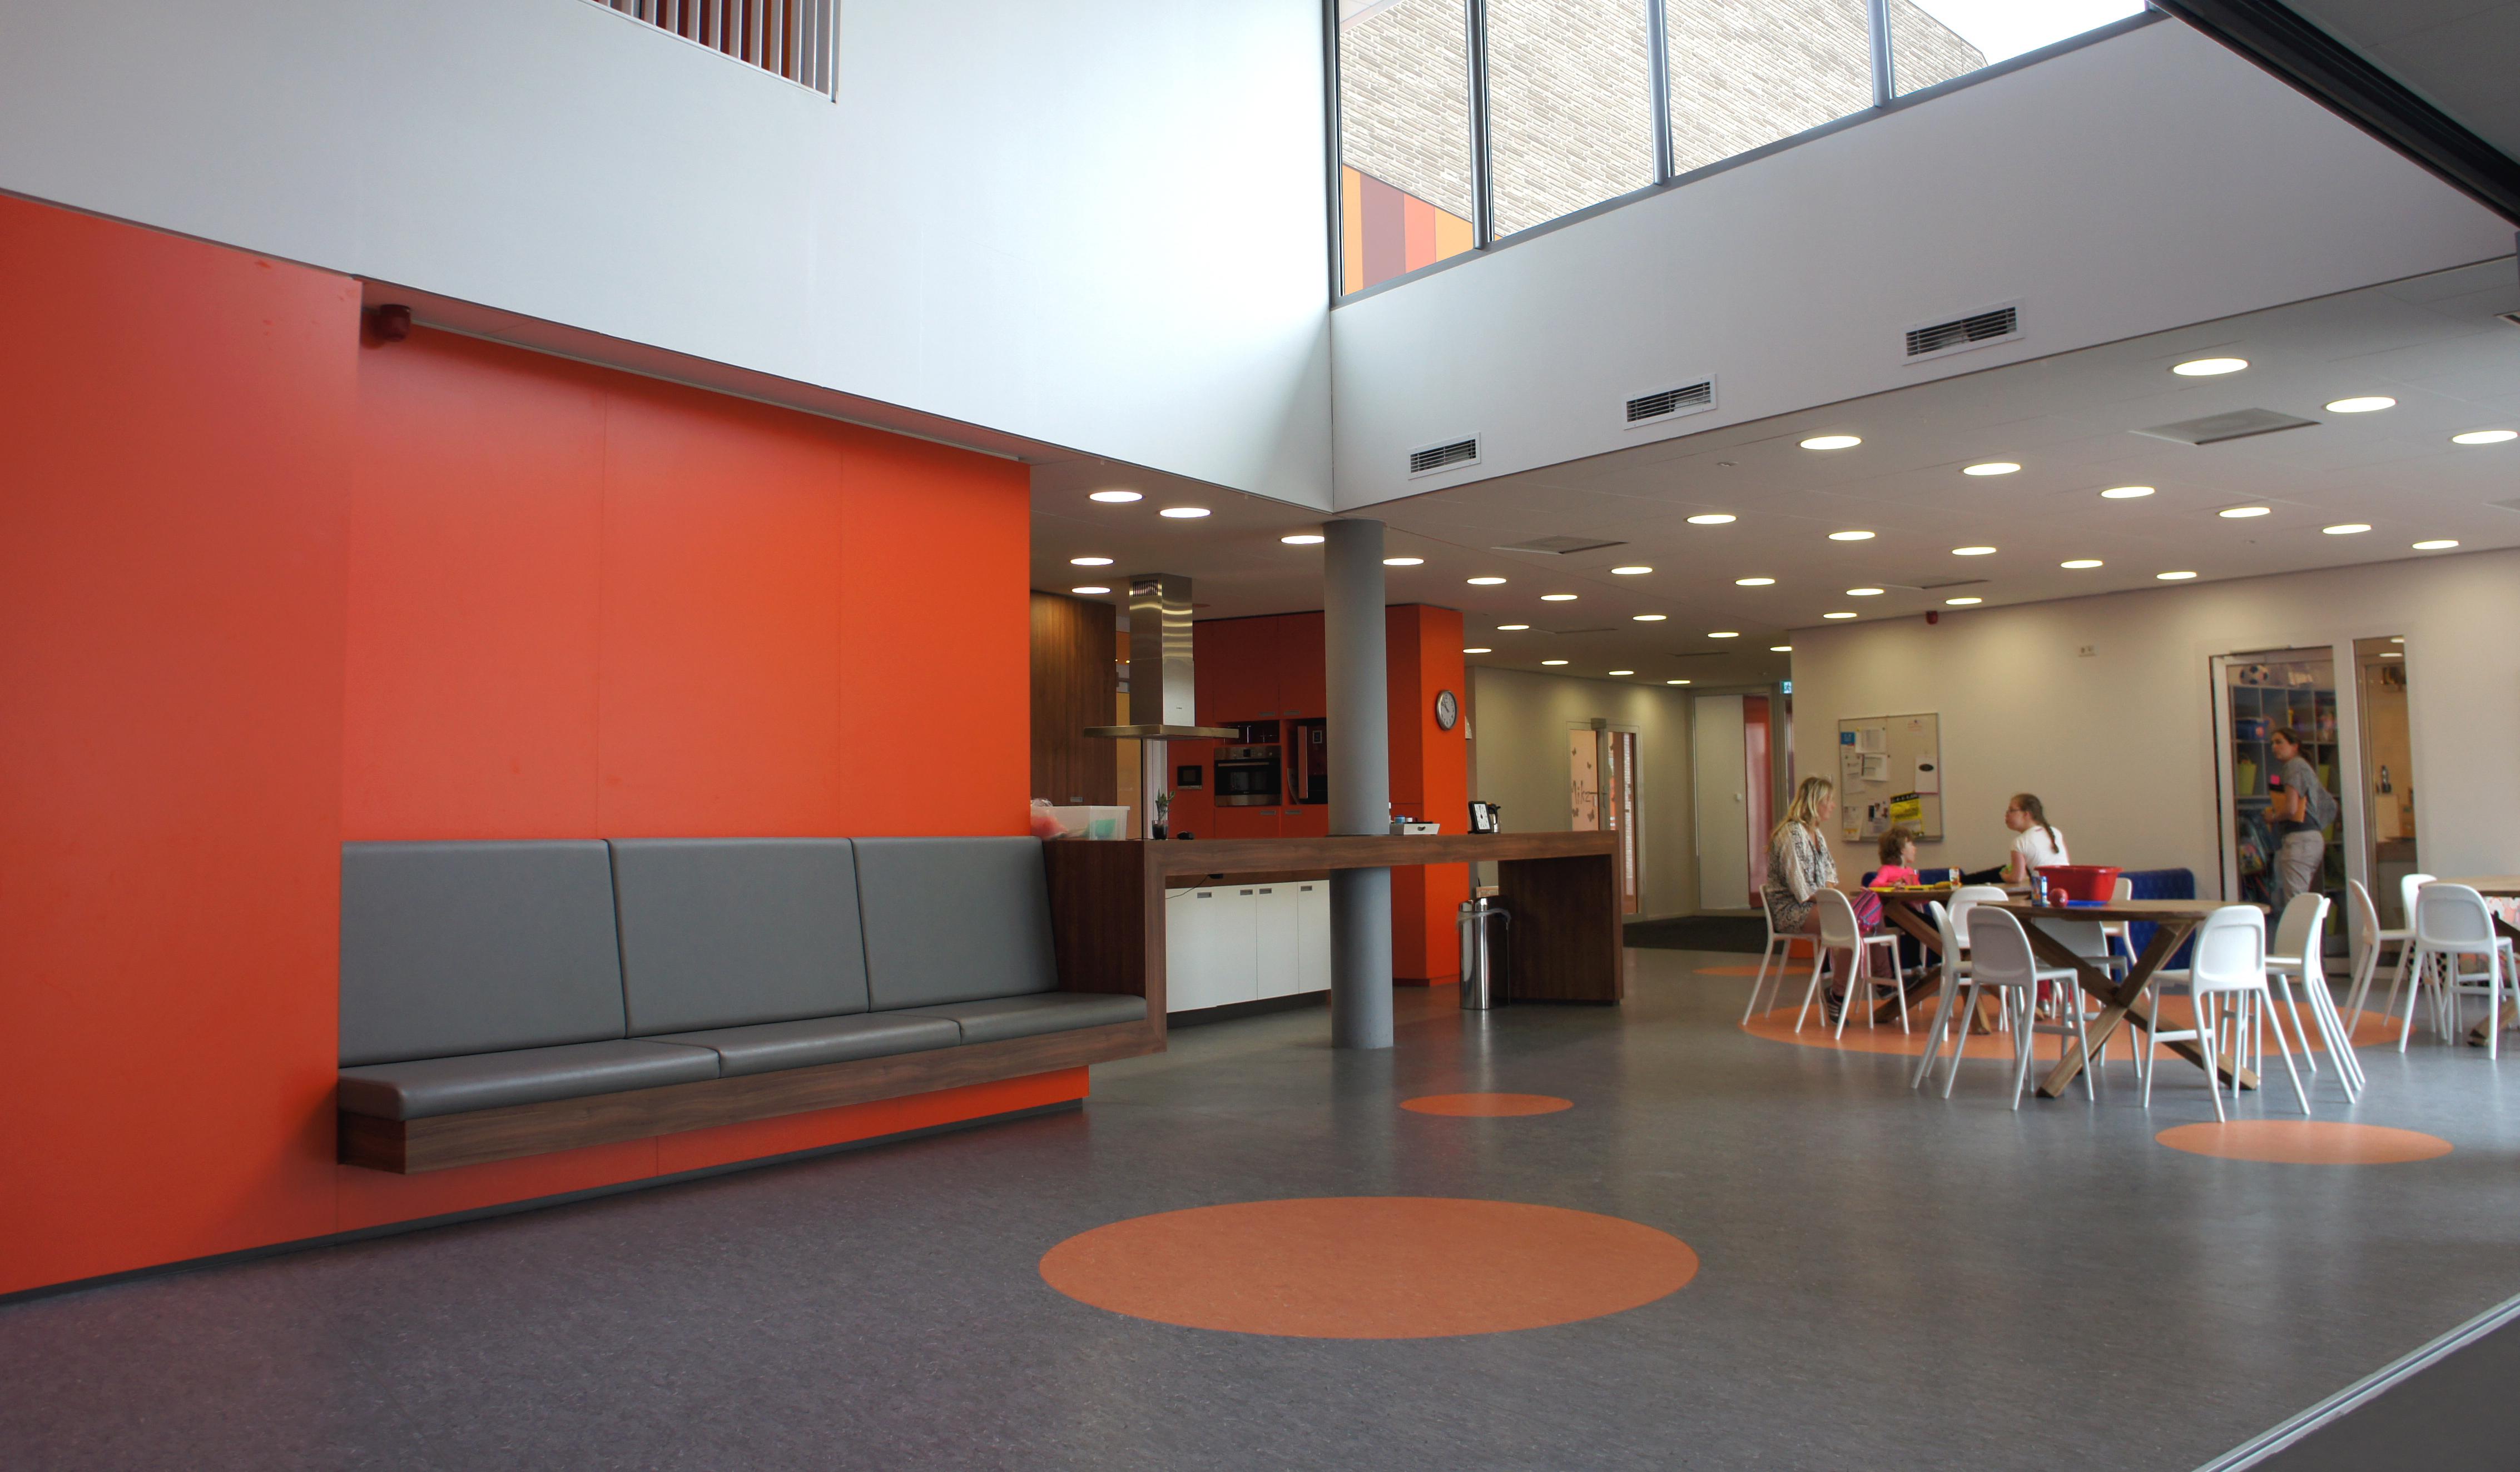 frisse kleuren voor een brede school interieur kindcentrum villa vlinderhof